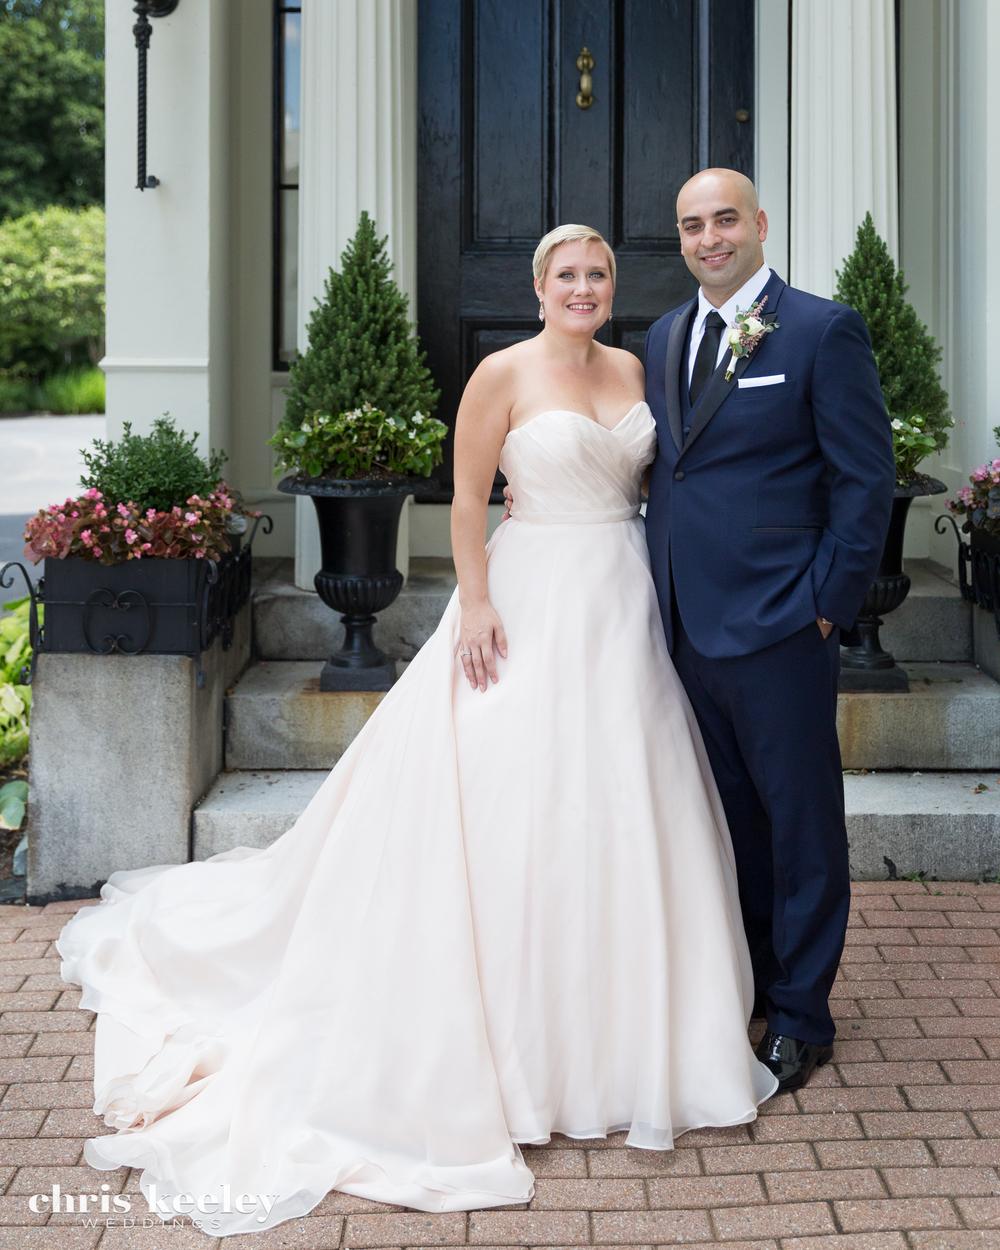 1130-Chris-Keeley-Weddings-135 wmk.jpg